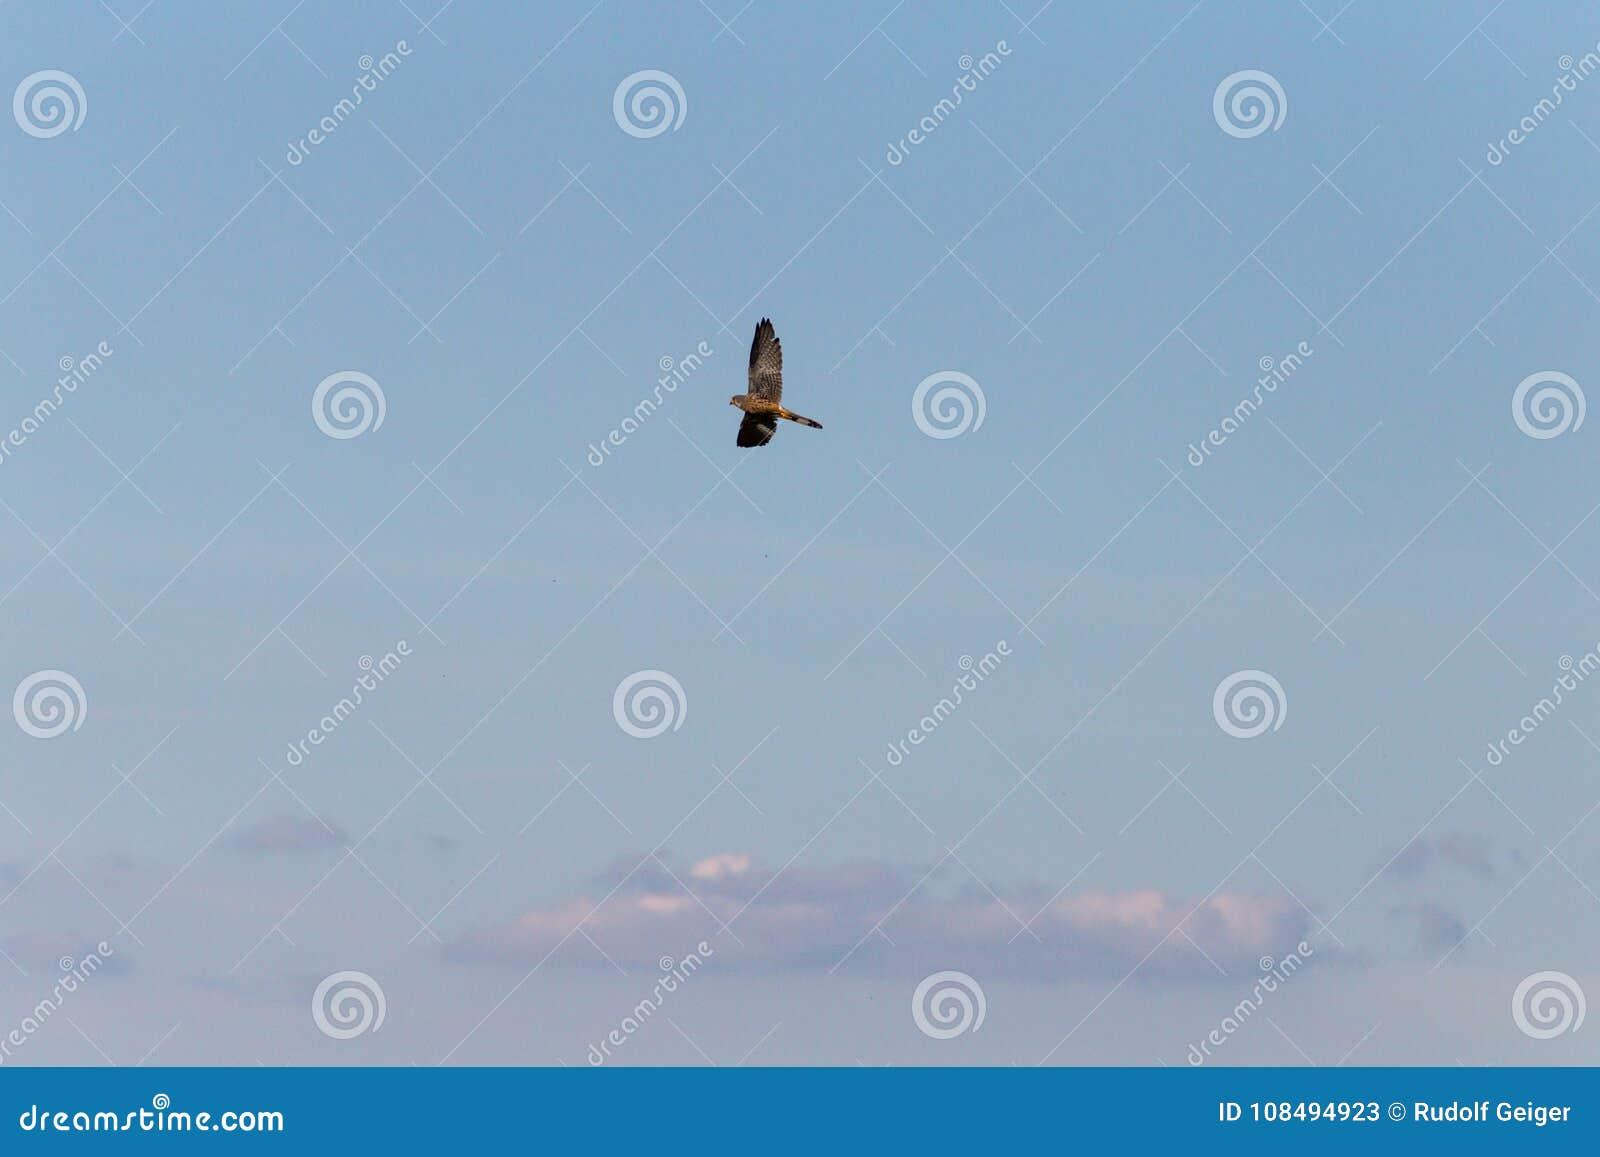 Pássaro de rapina que voa altamente no céu azul profundo